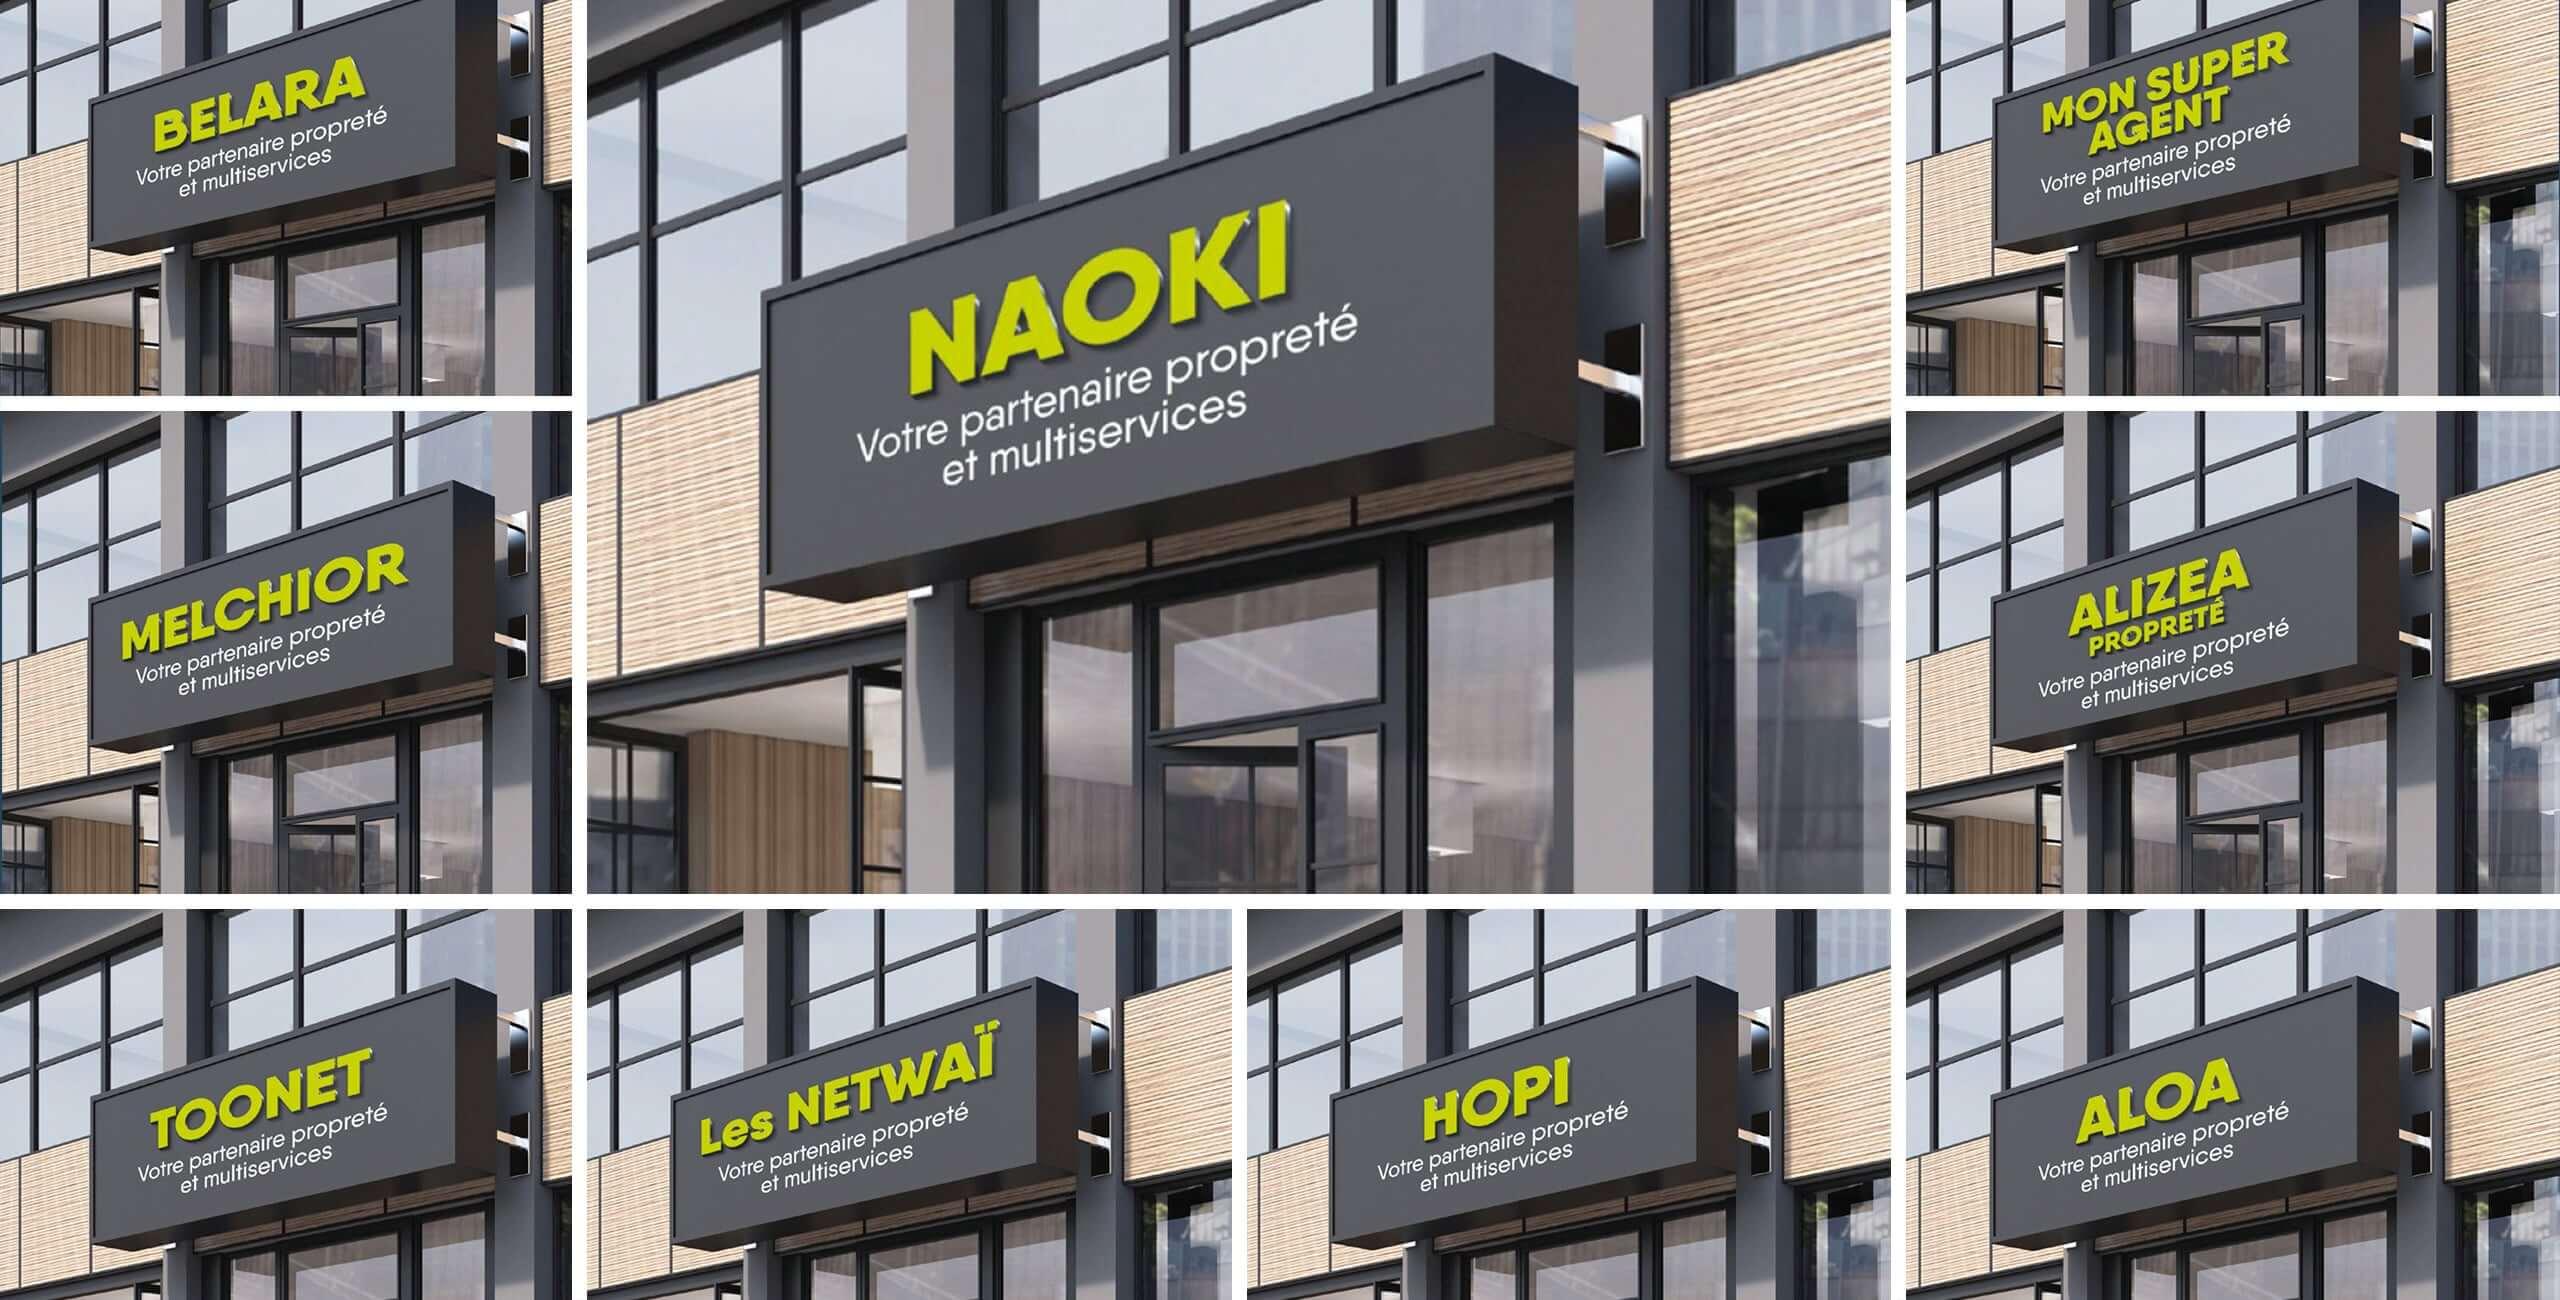 nom de marque Naoki